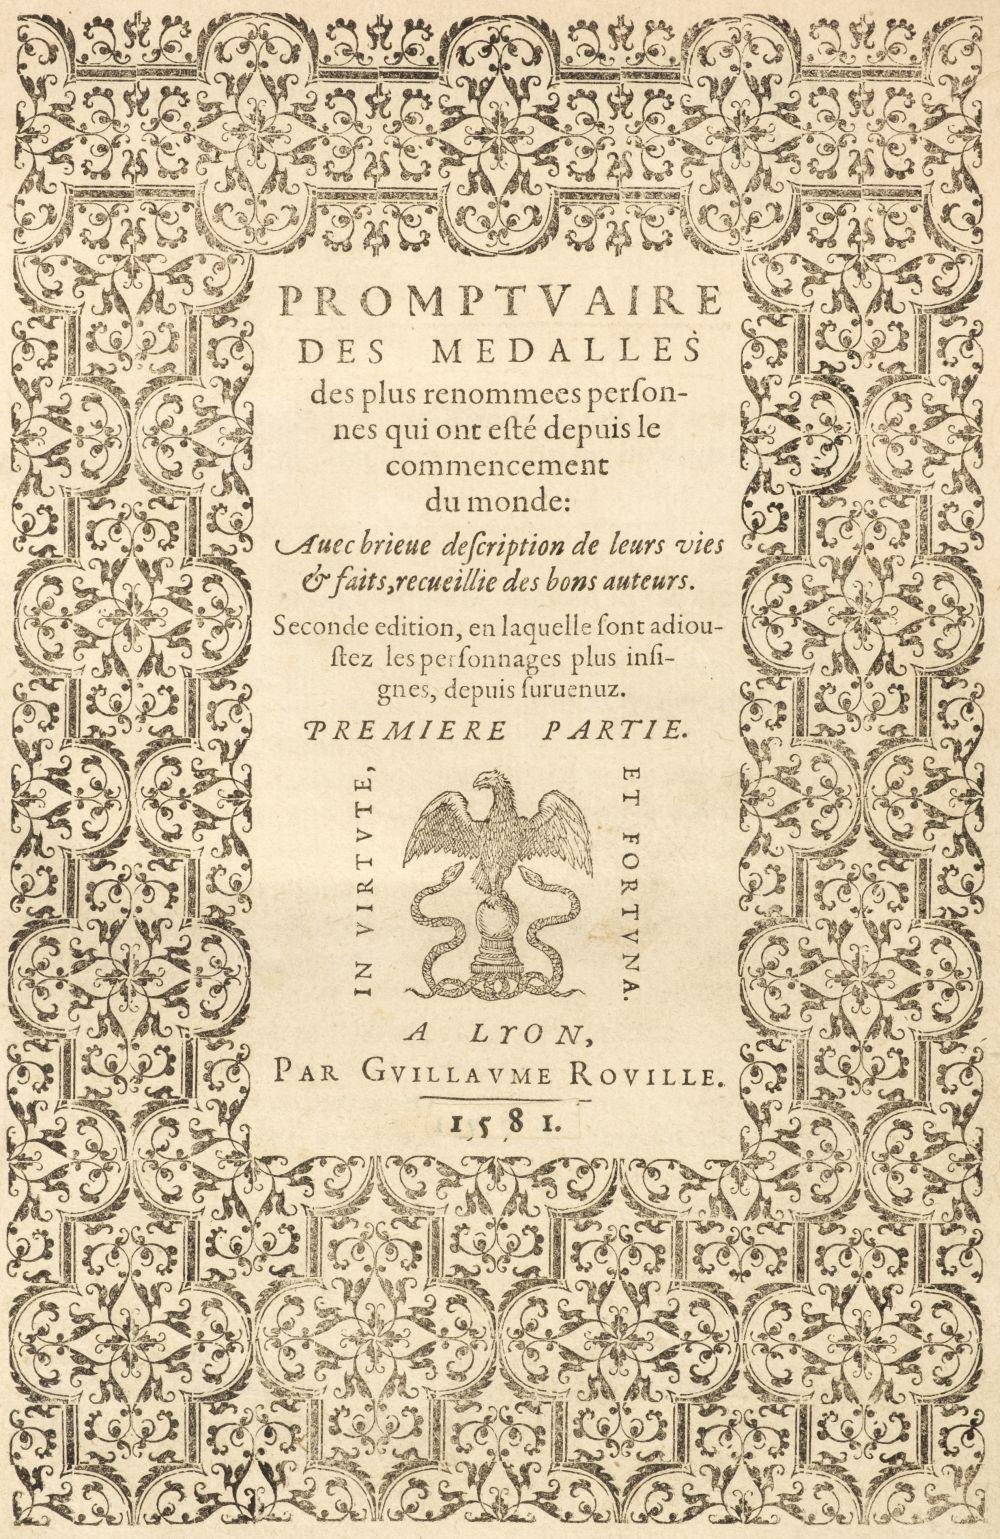 Rouille (Guillaume). Promptuaire des medalles, Lyon, 1581